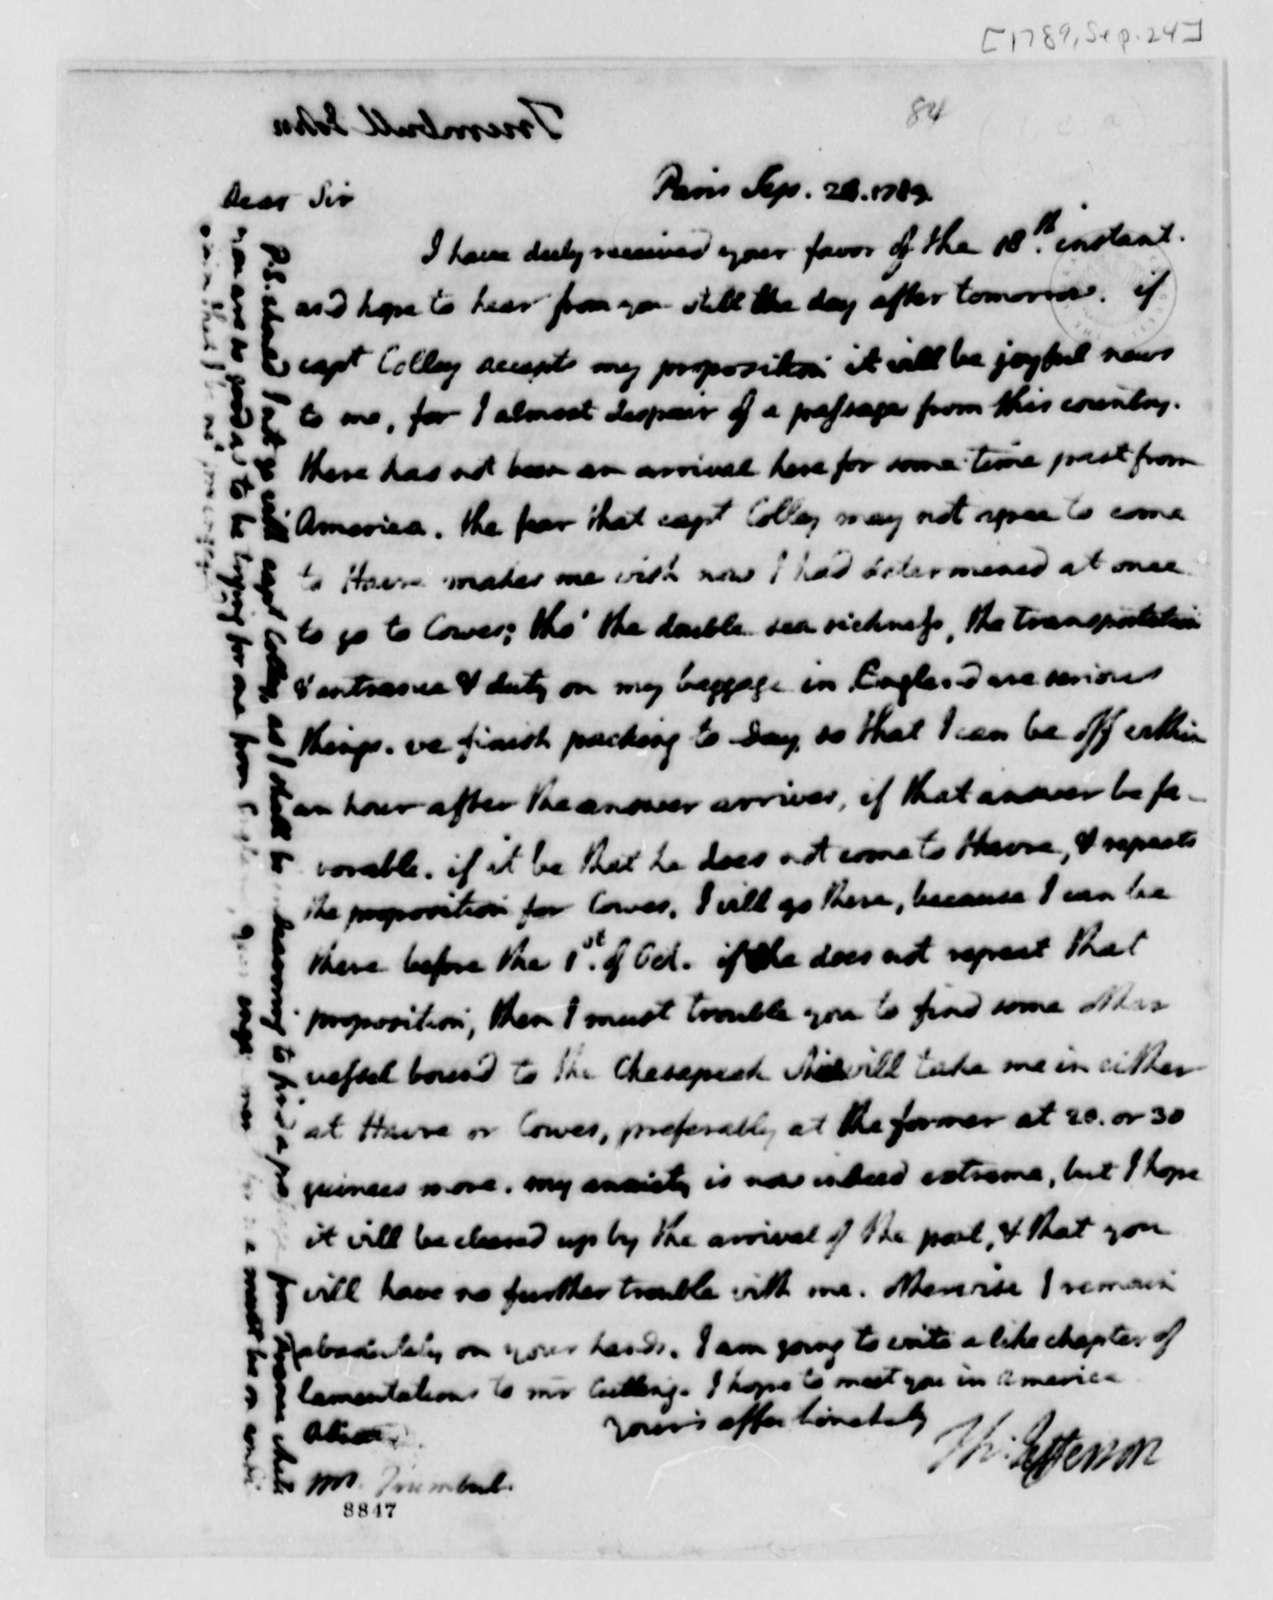 Thomas Jefferson to John Trumbull, September 24, 1789